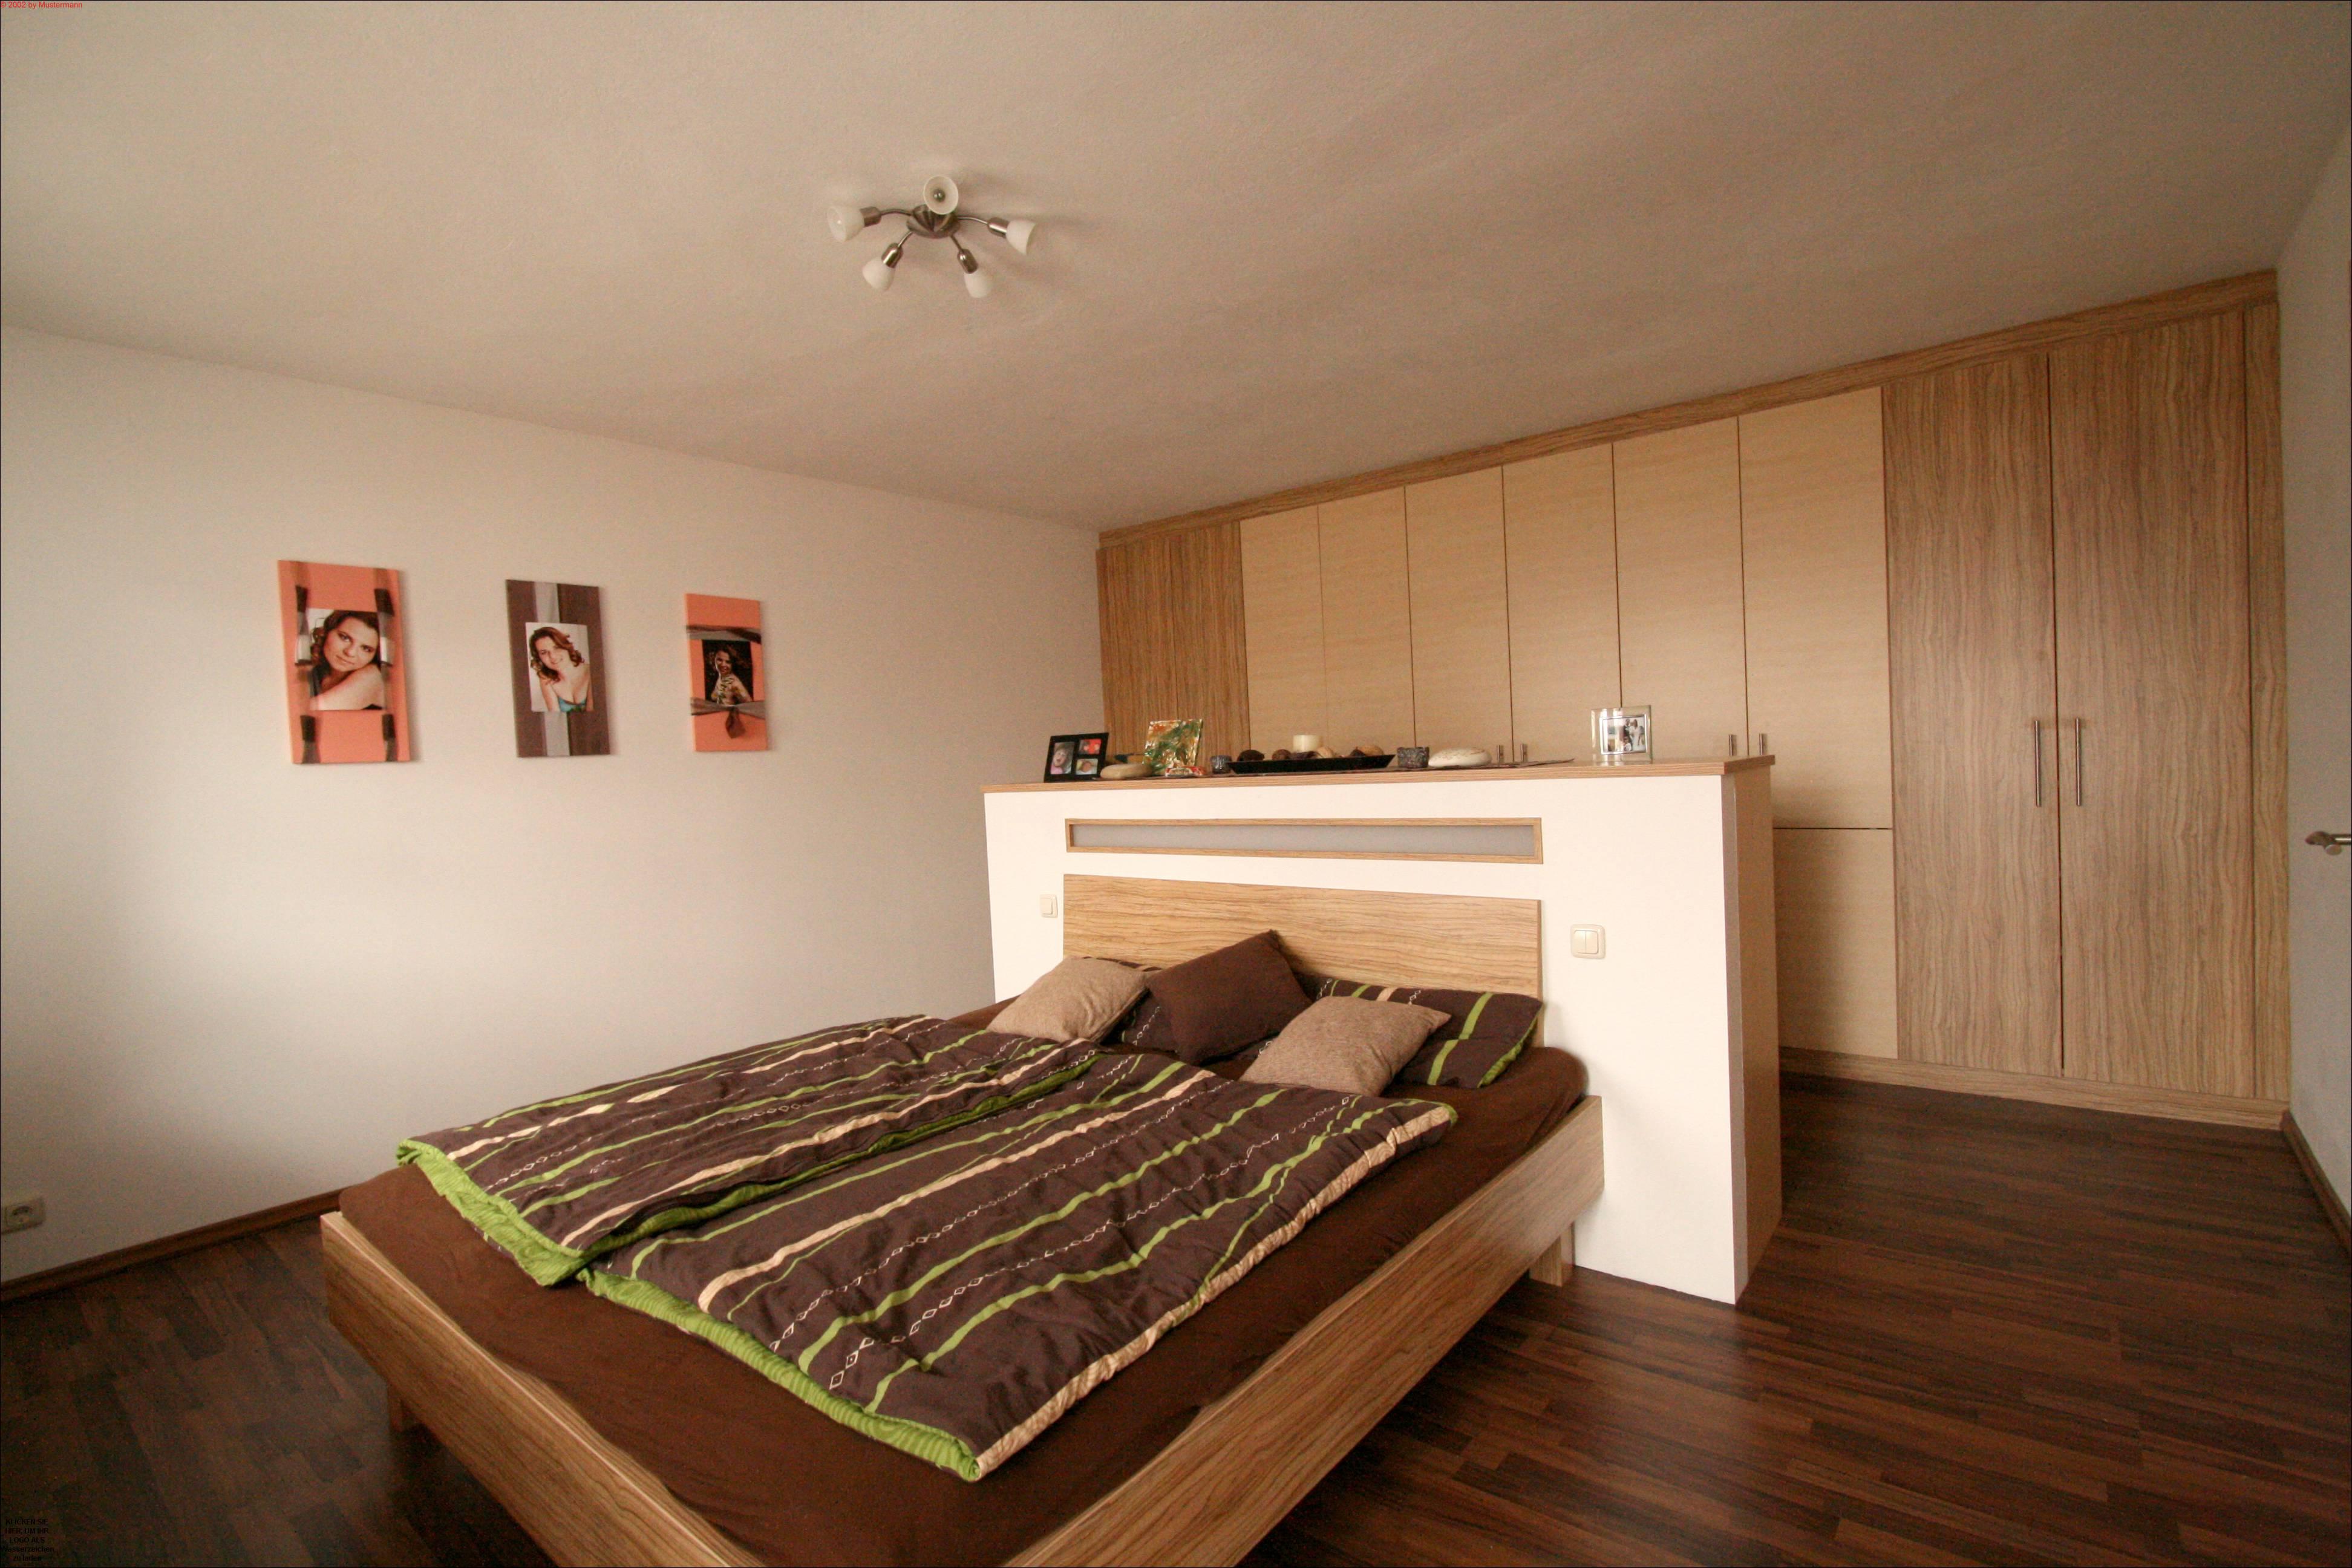 Schlafzimmer mit freistehendem bett listberger tischlerei - Im schlafzimmer ...